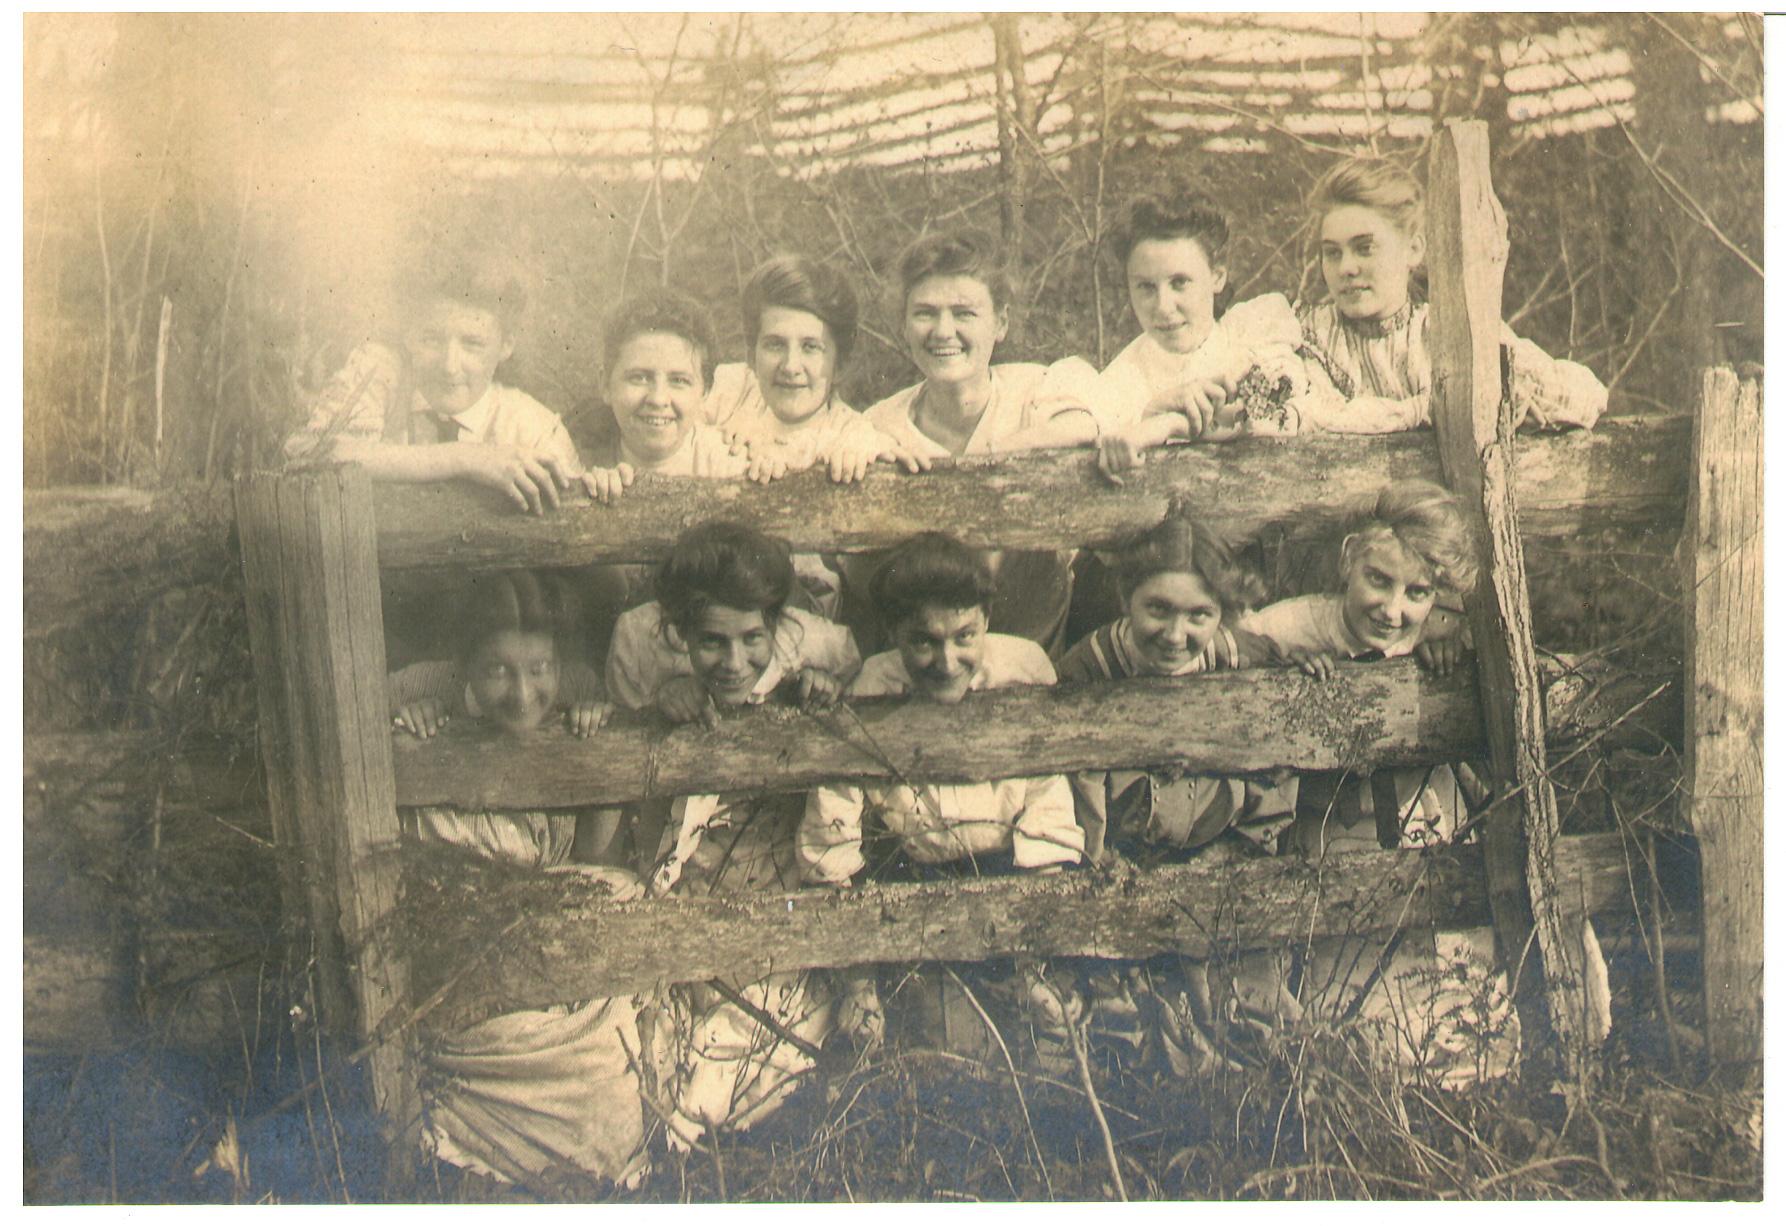 Helen Woods Sorority Photo 1905 (source: Joan Darby)